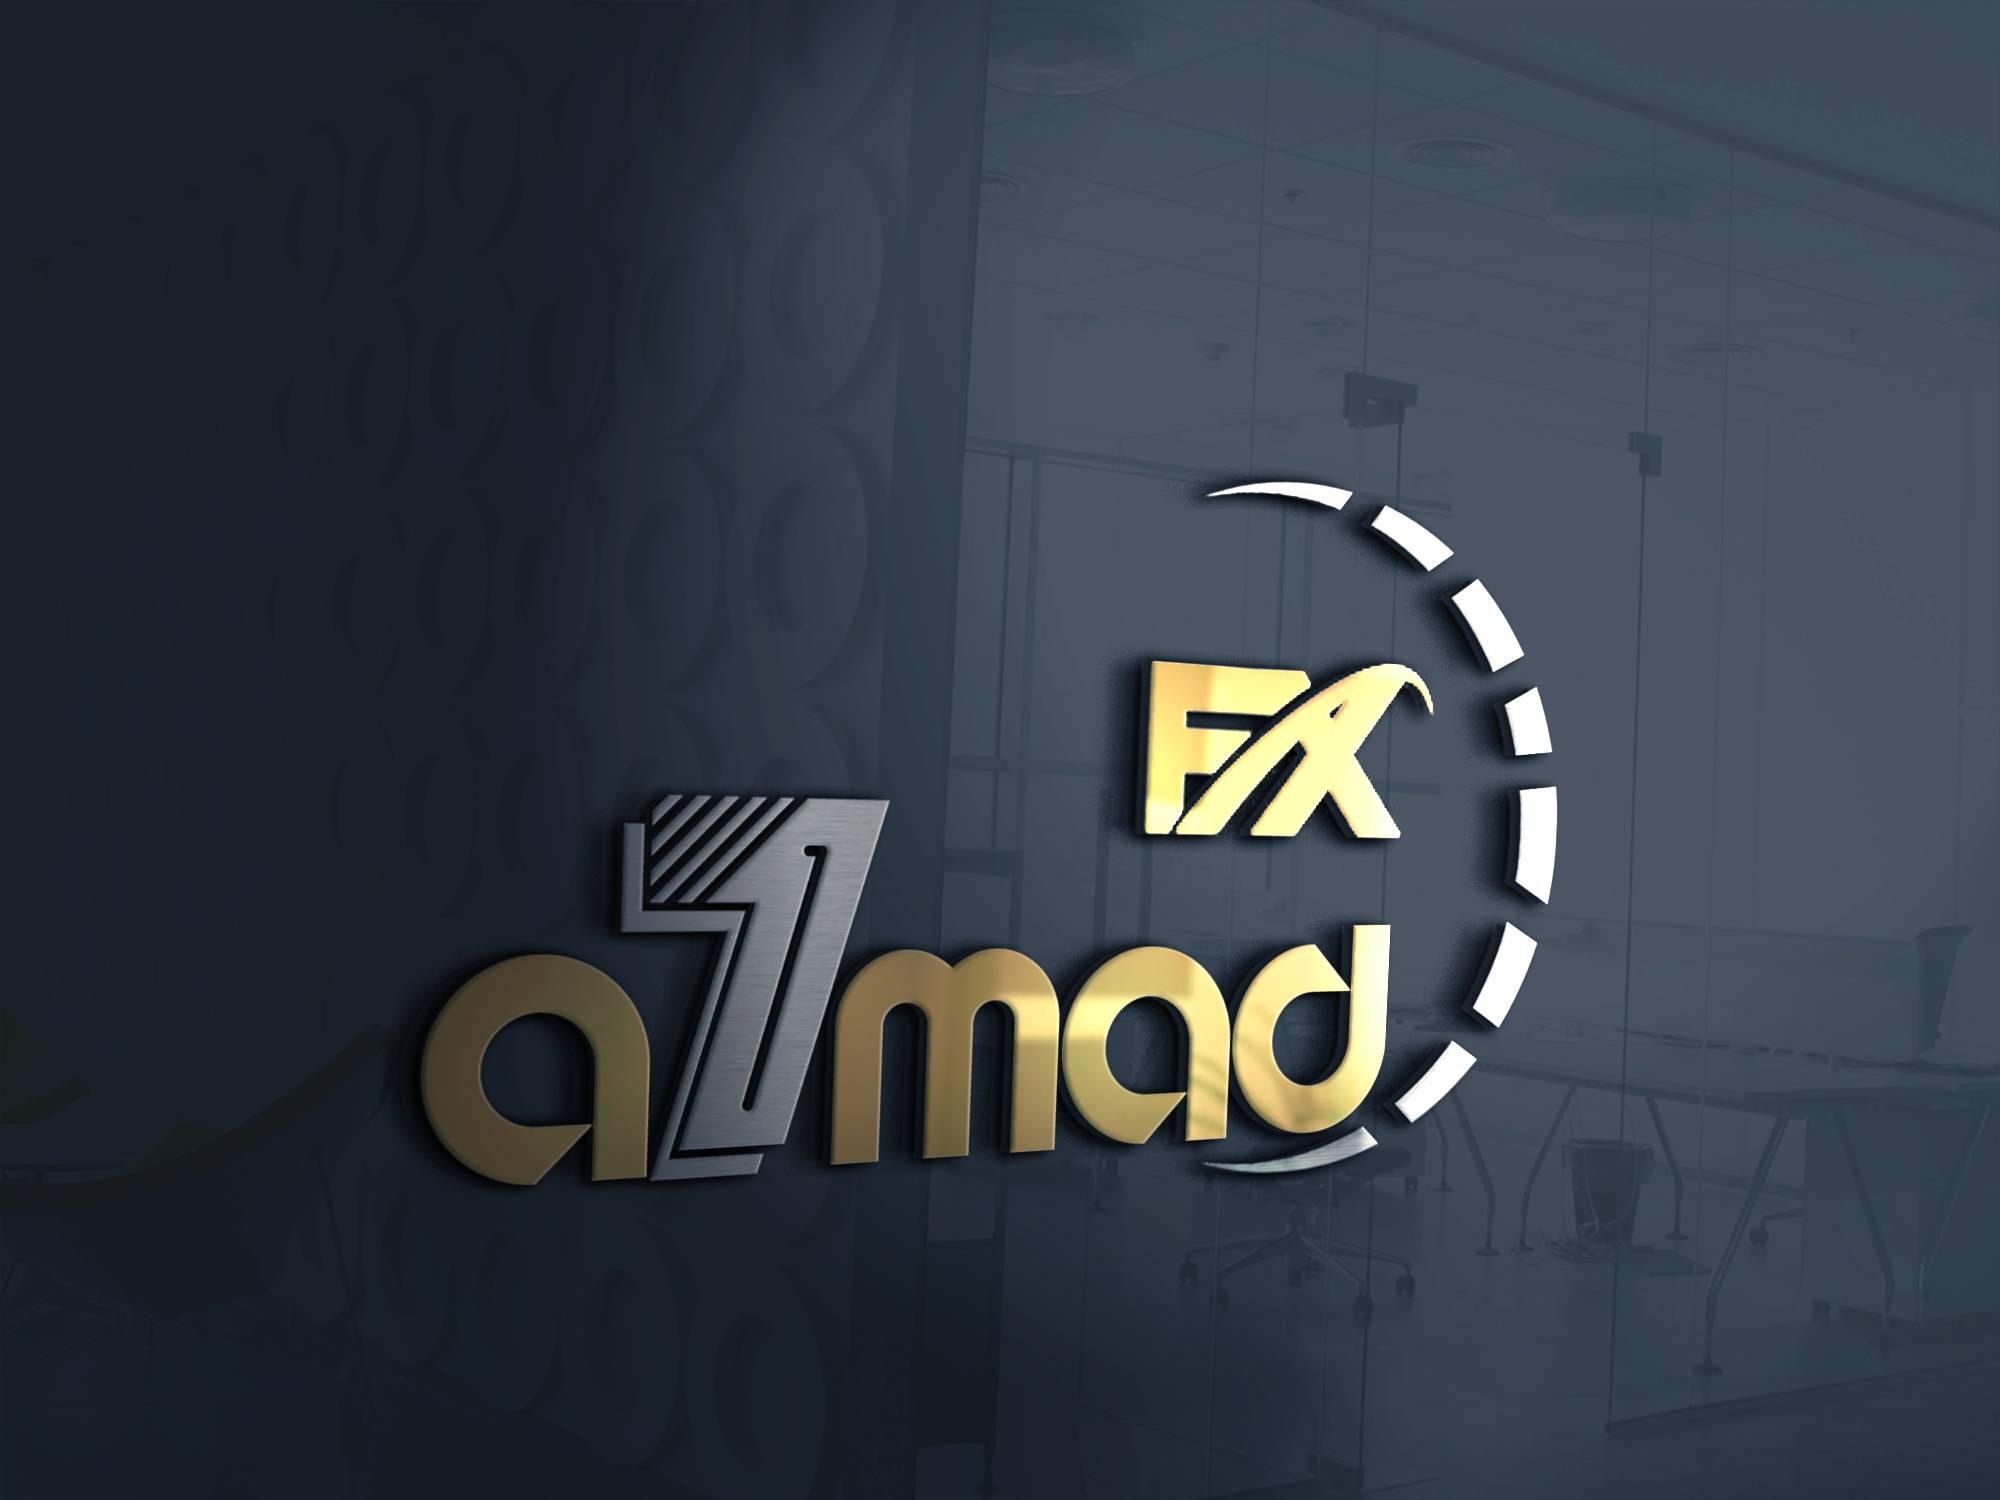 تصميم اسم شخصي / يعمل في الأسهم AHMED.FX